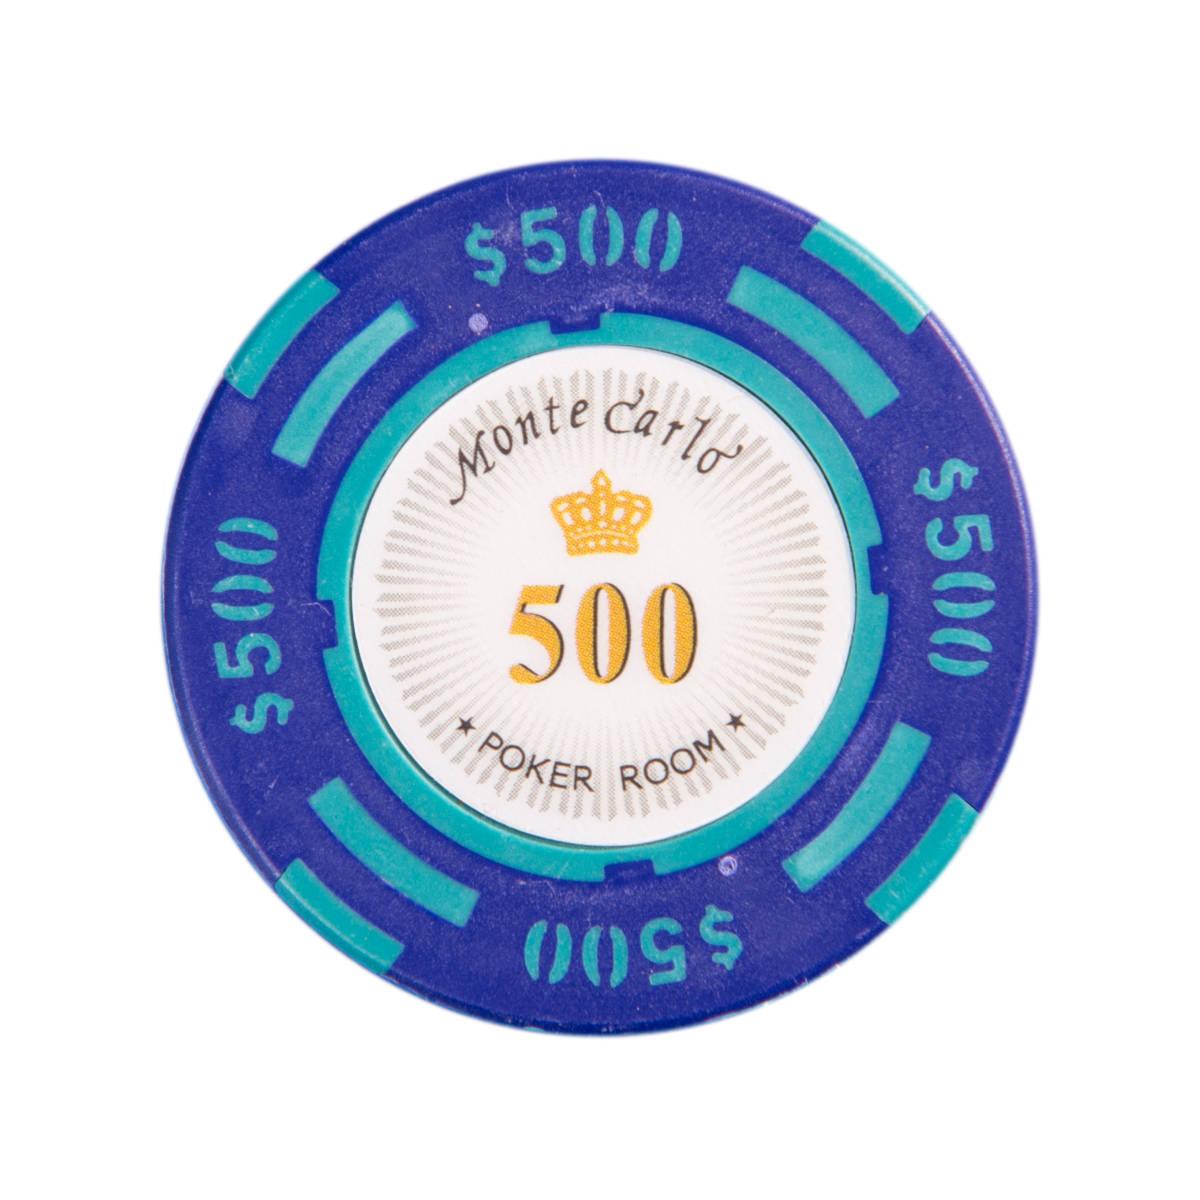 ★送料無料★ポーカーチップ 500$ 25枚セット_画像1